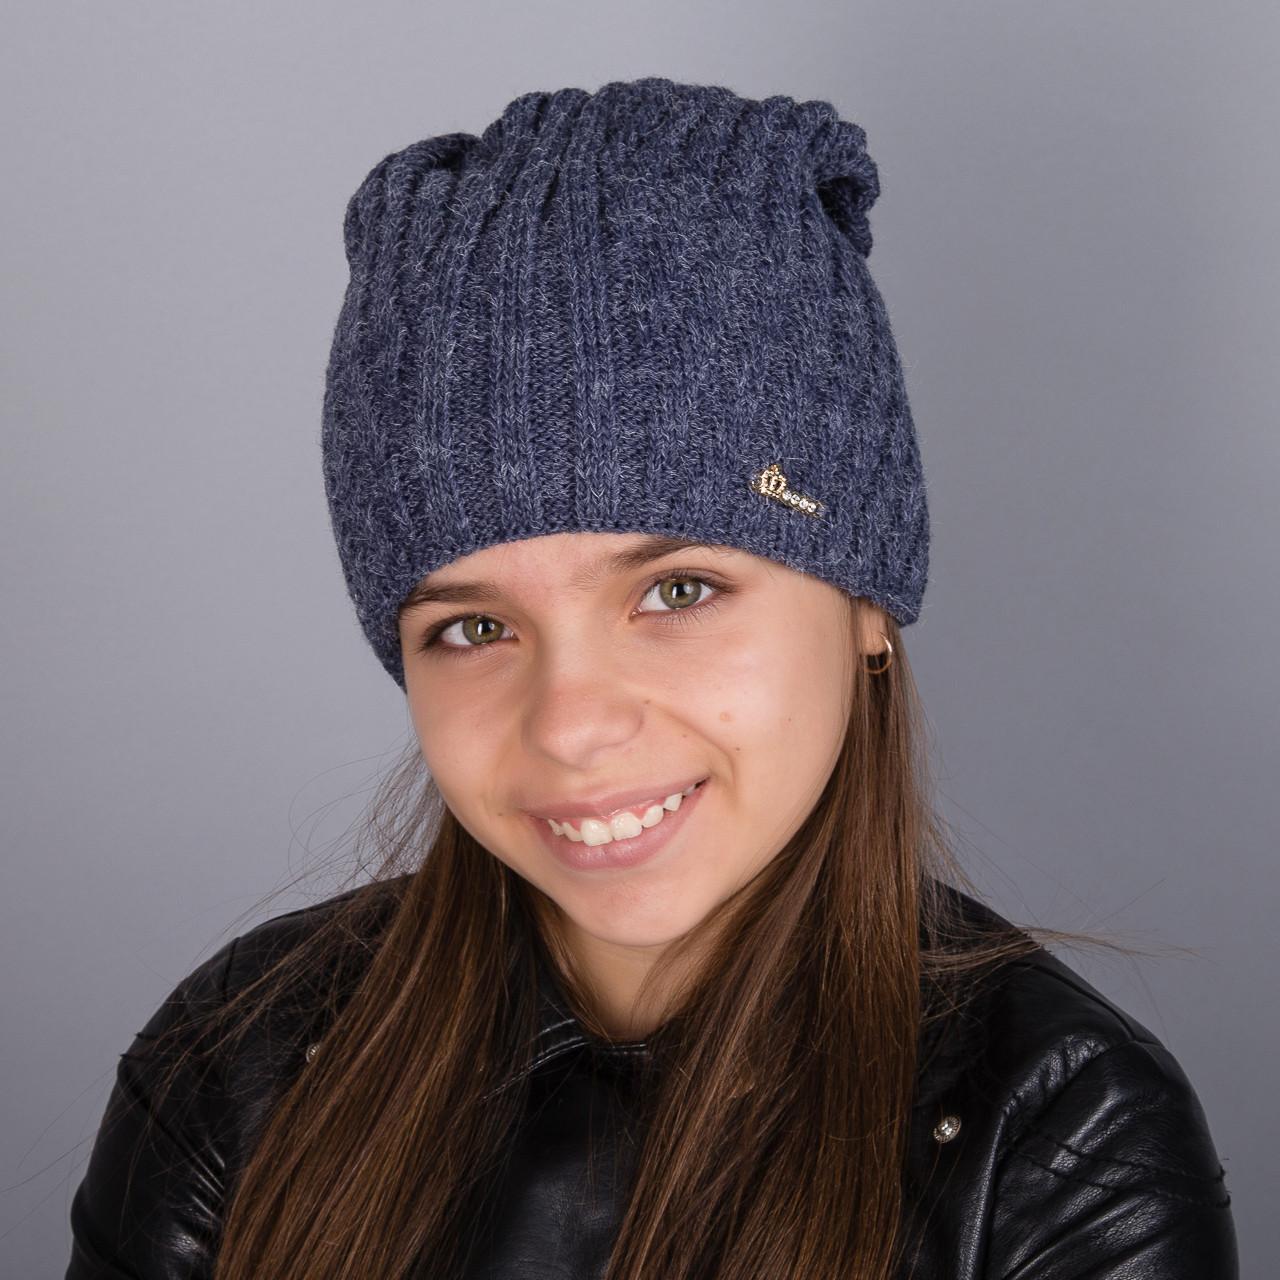 Стильная шапка для девочек, подростков и женщин из двойной крупной вязки оптом - зима  - Артикул 1796